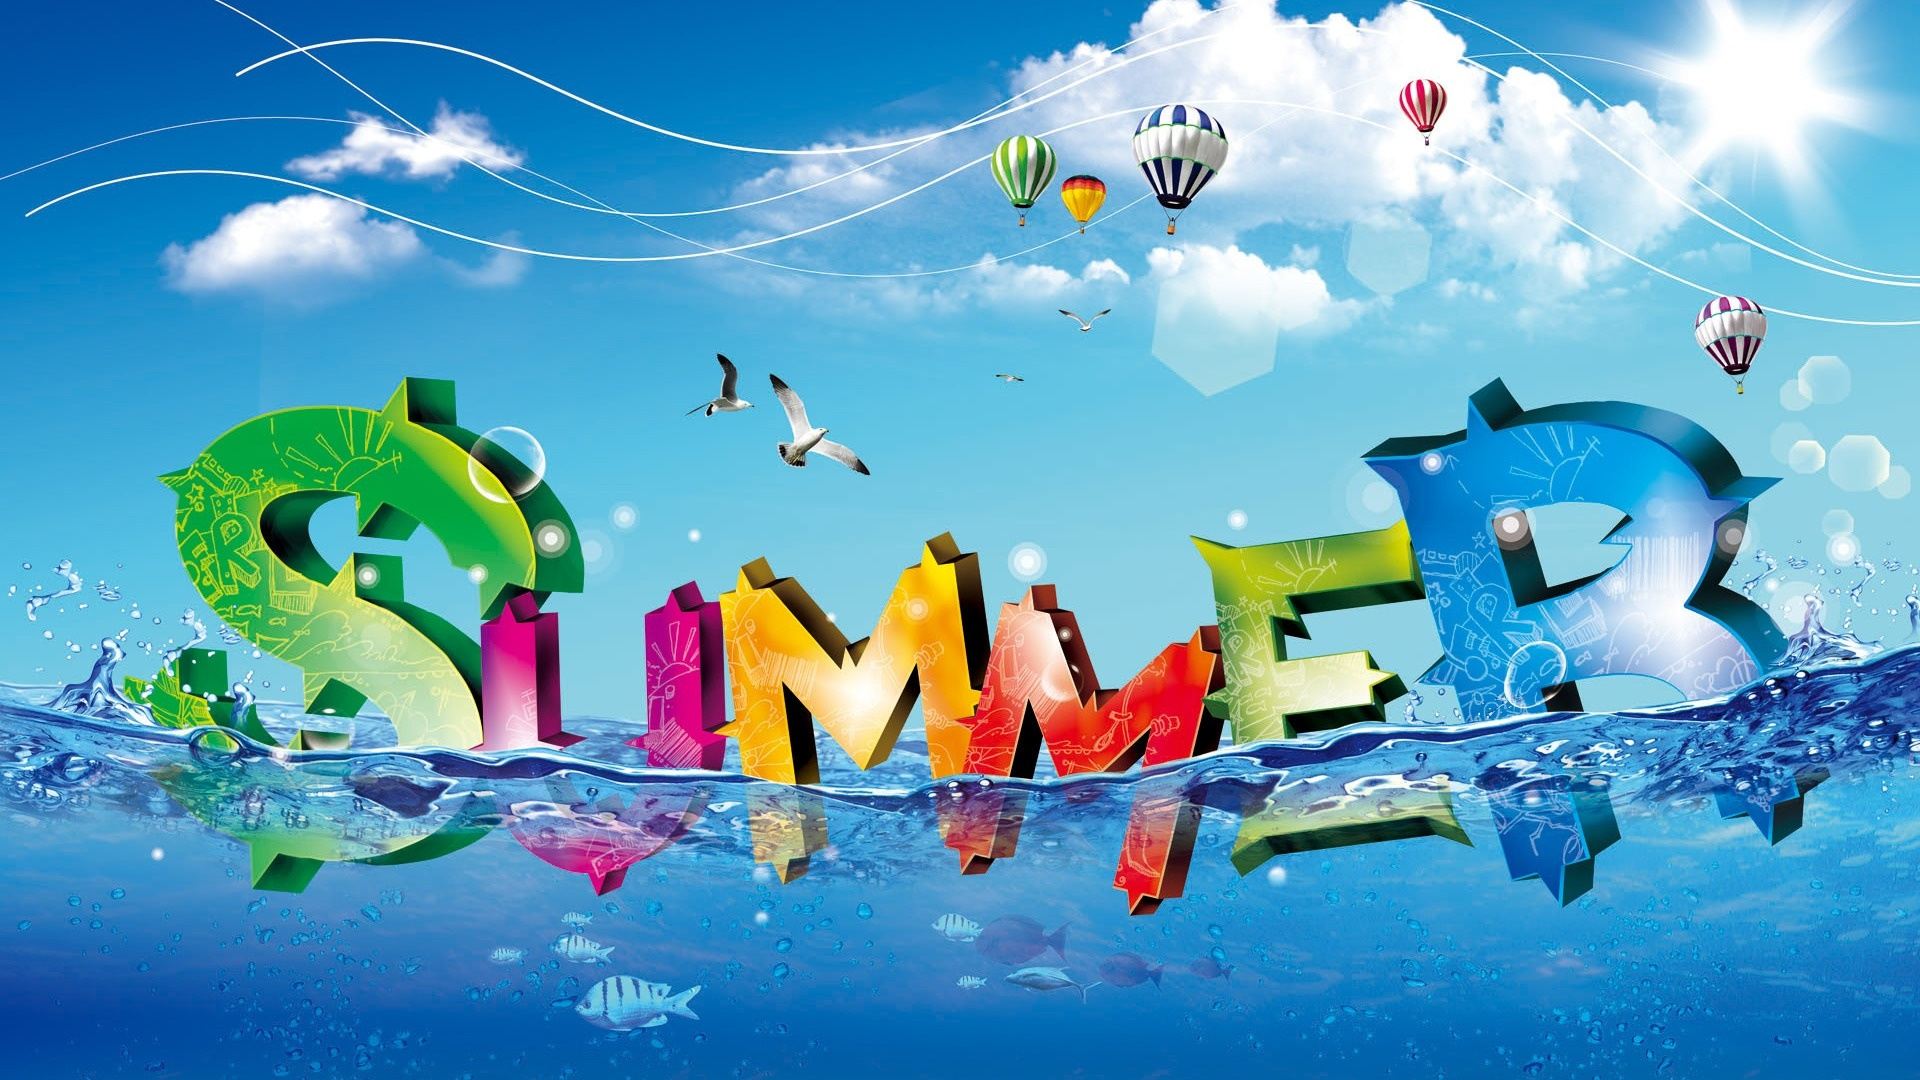 Summer computer wallpaper